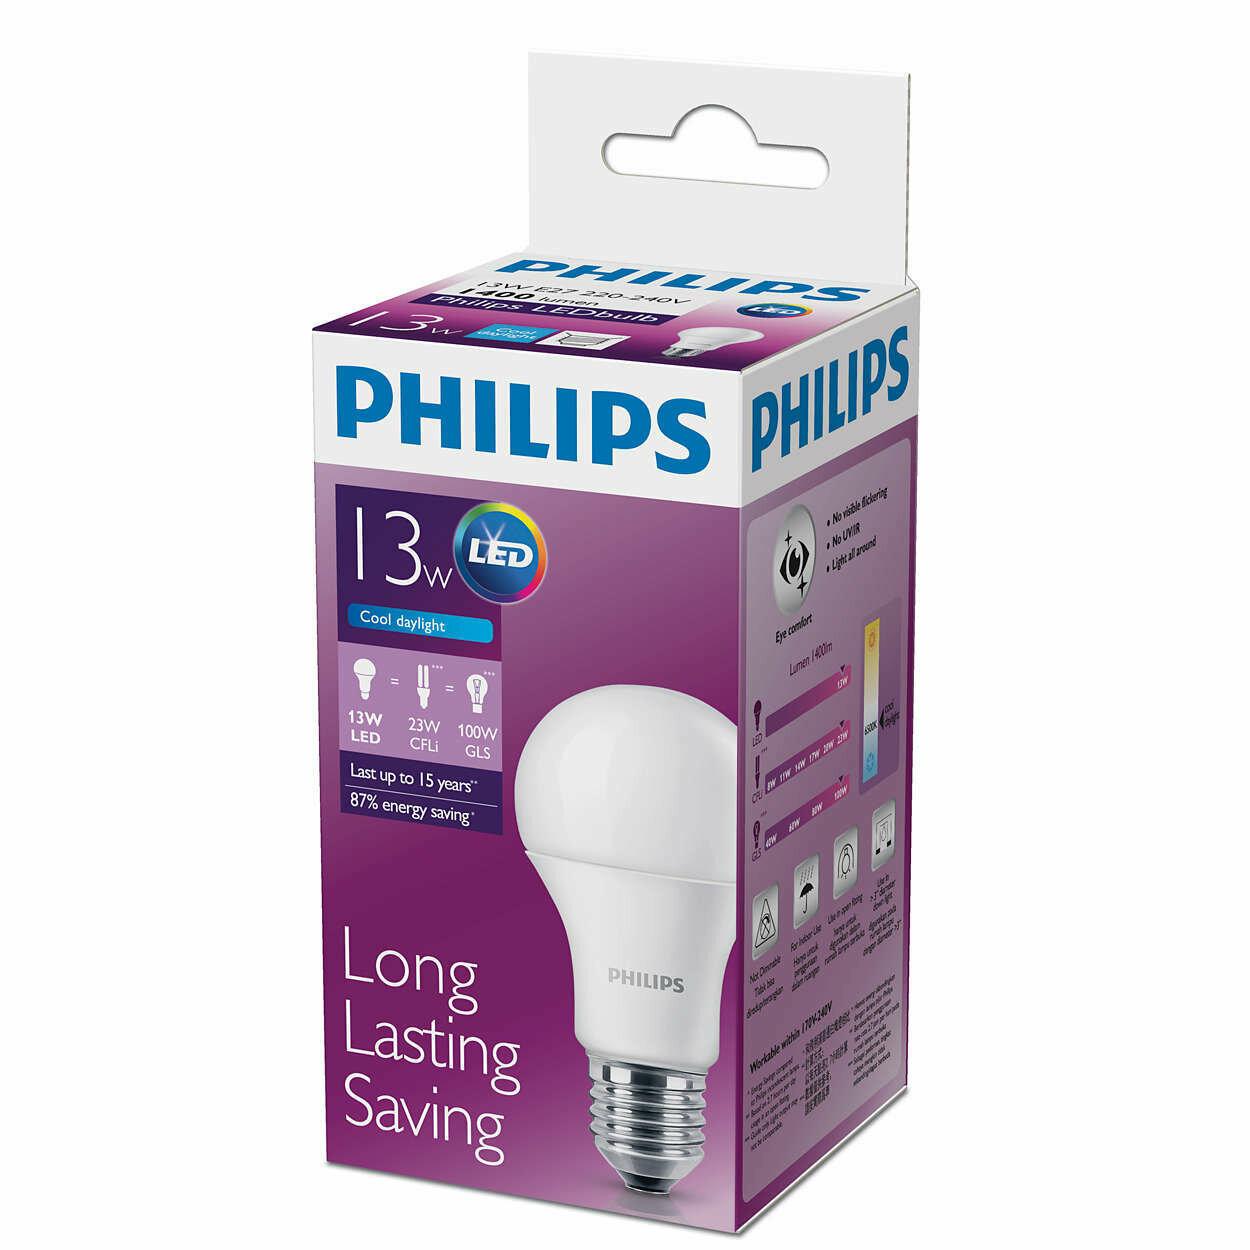 Philips 13W